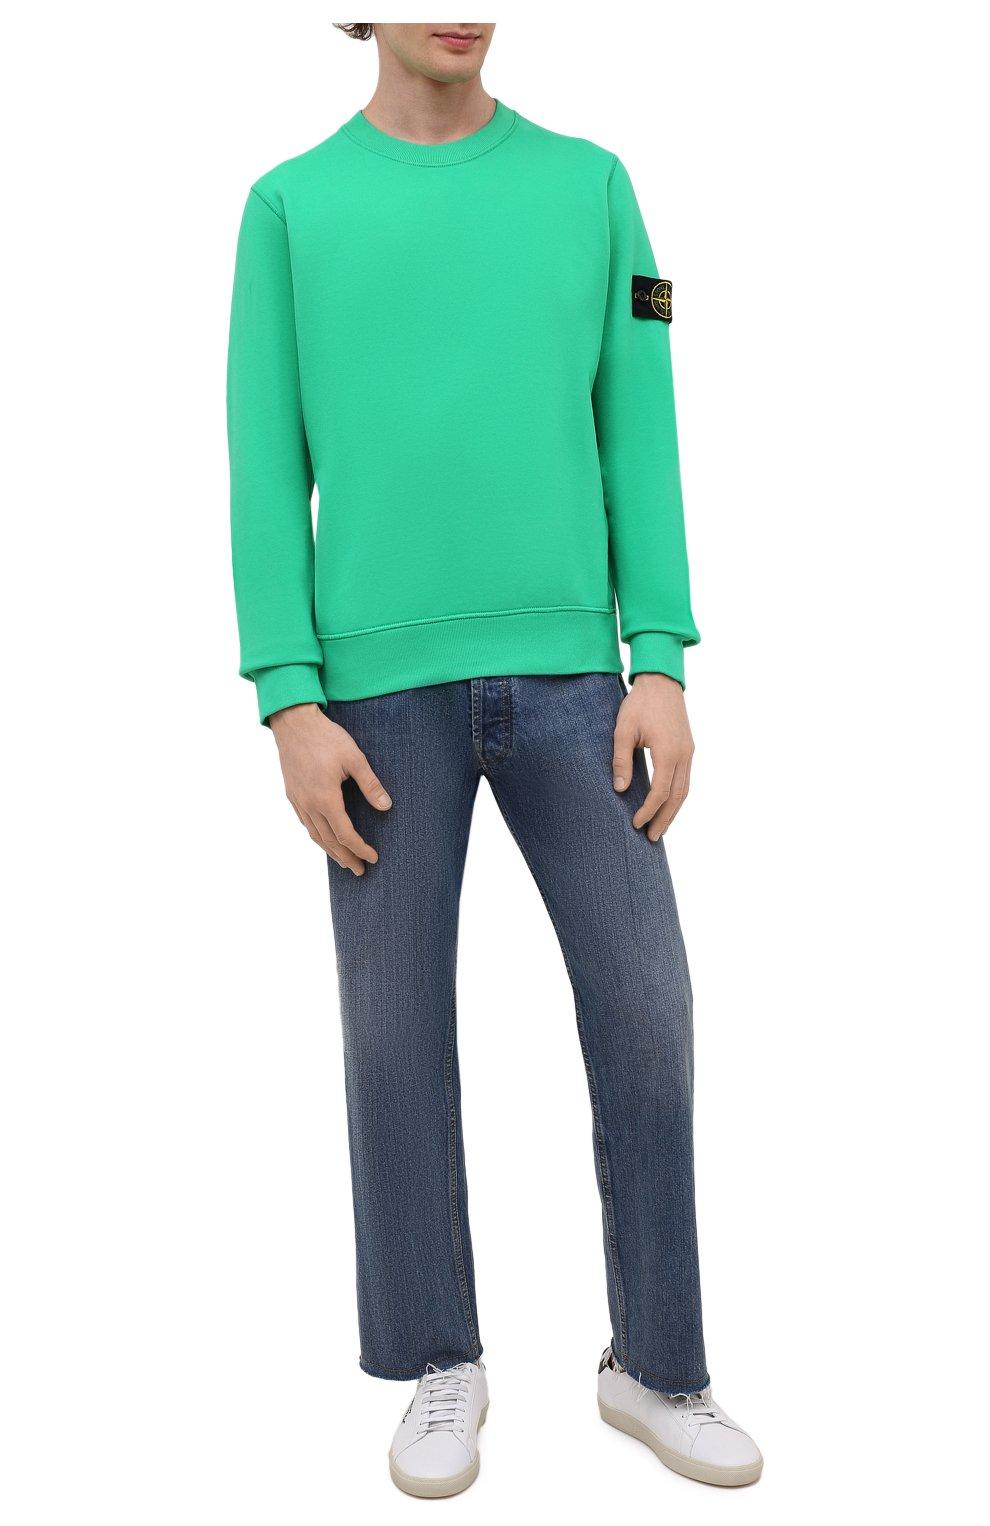 Мужской хлопковый свитшот STONE ISLAND зеленого цвета, арт. 751563020   Фото 2 (Рукава: Длинные; Принт: Без принта; Длина (для топов): Стандартные; Стили: Гранж; Мужское Кросс-КТ: свитшот-одежда; Материал внешний: Хлопок)